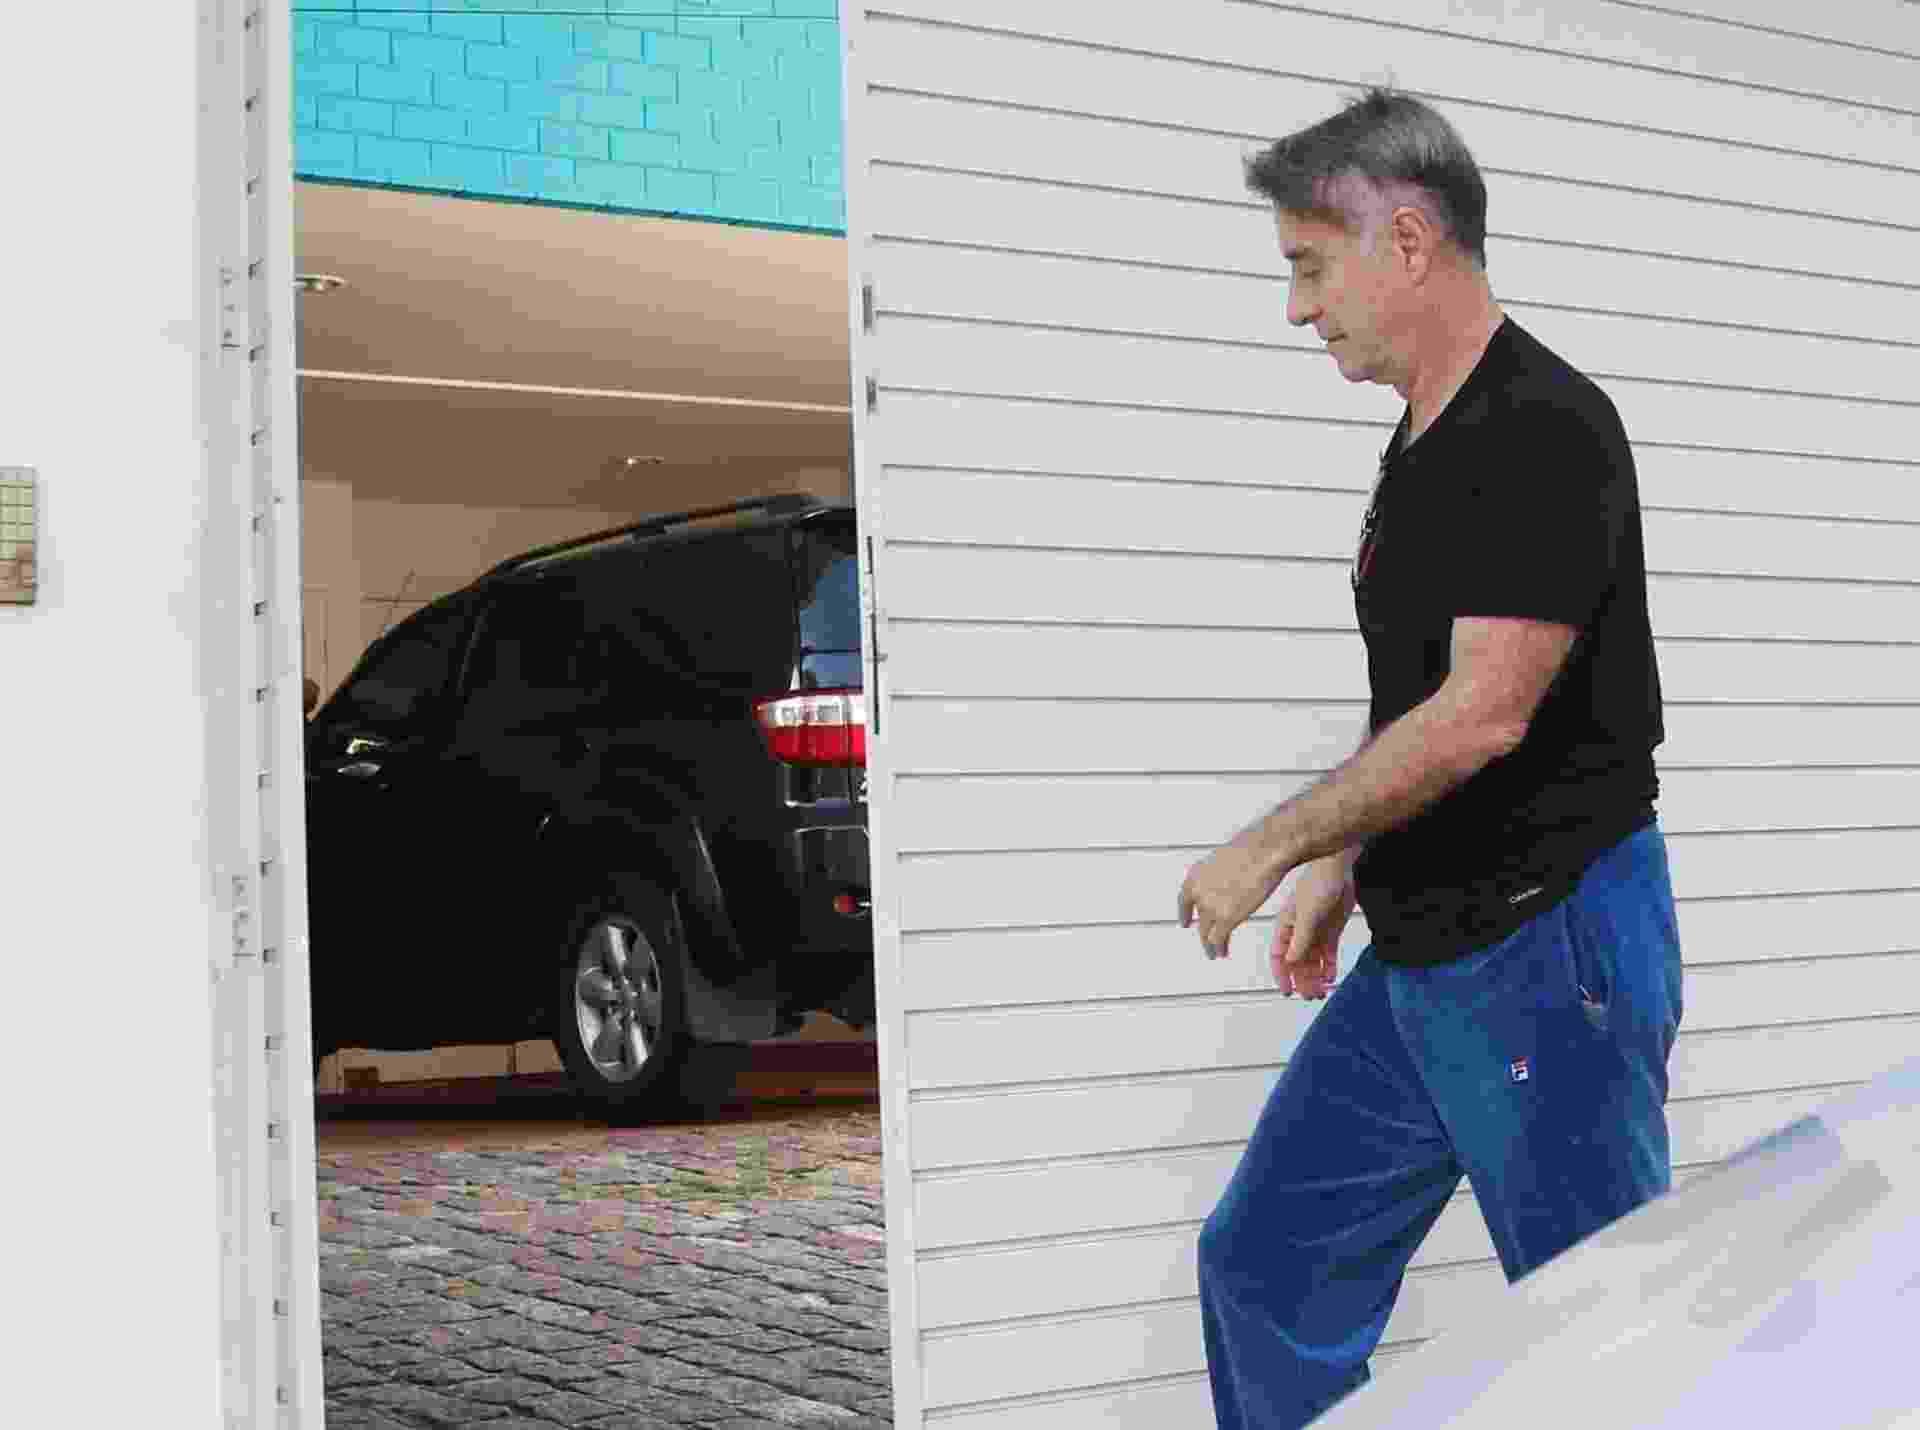 12.fev.2015 -  Polícia Federal faz operação de busca e apreensão na casa de Luma de Oliveira. Eike Batista chega a casa de Luma onde 3 carros foram apreendidos - Marcelo Carnaval / Agência O Globo